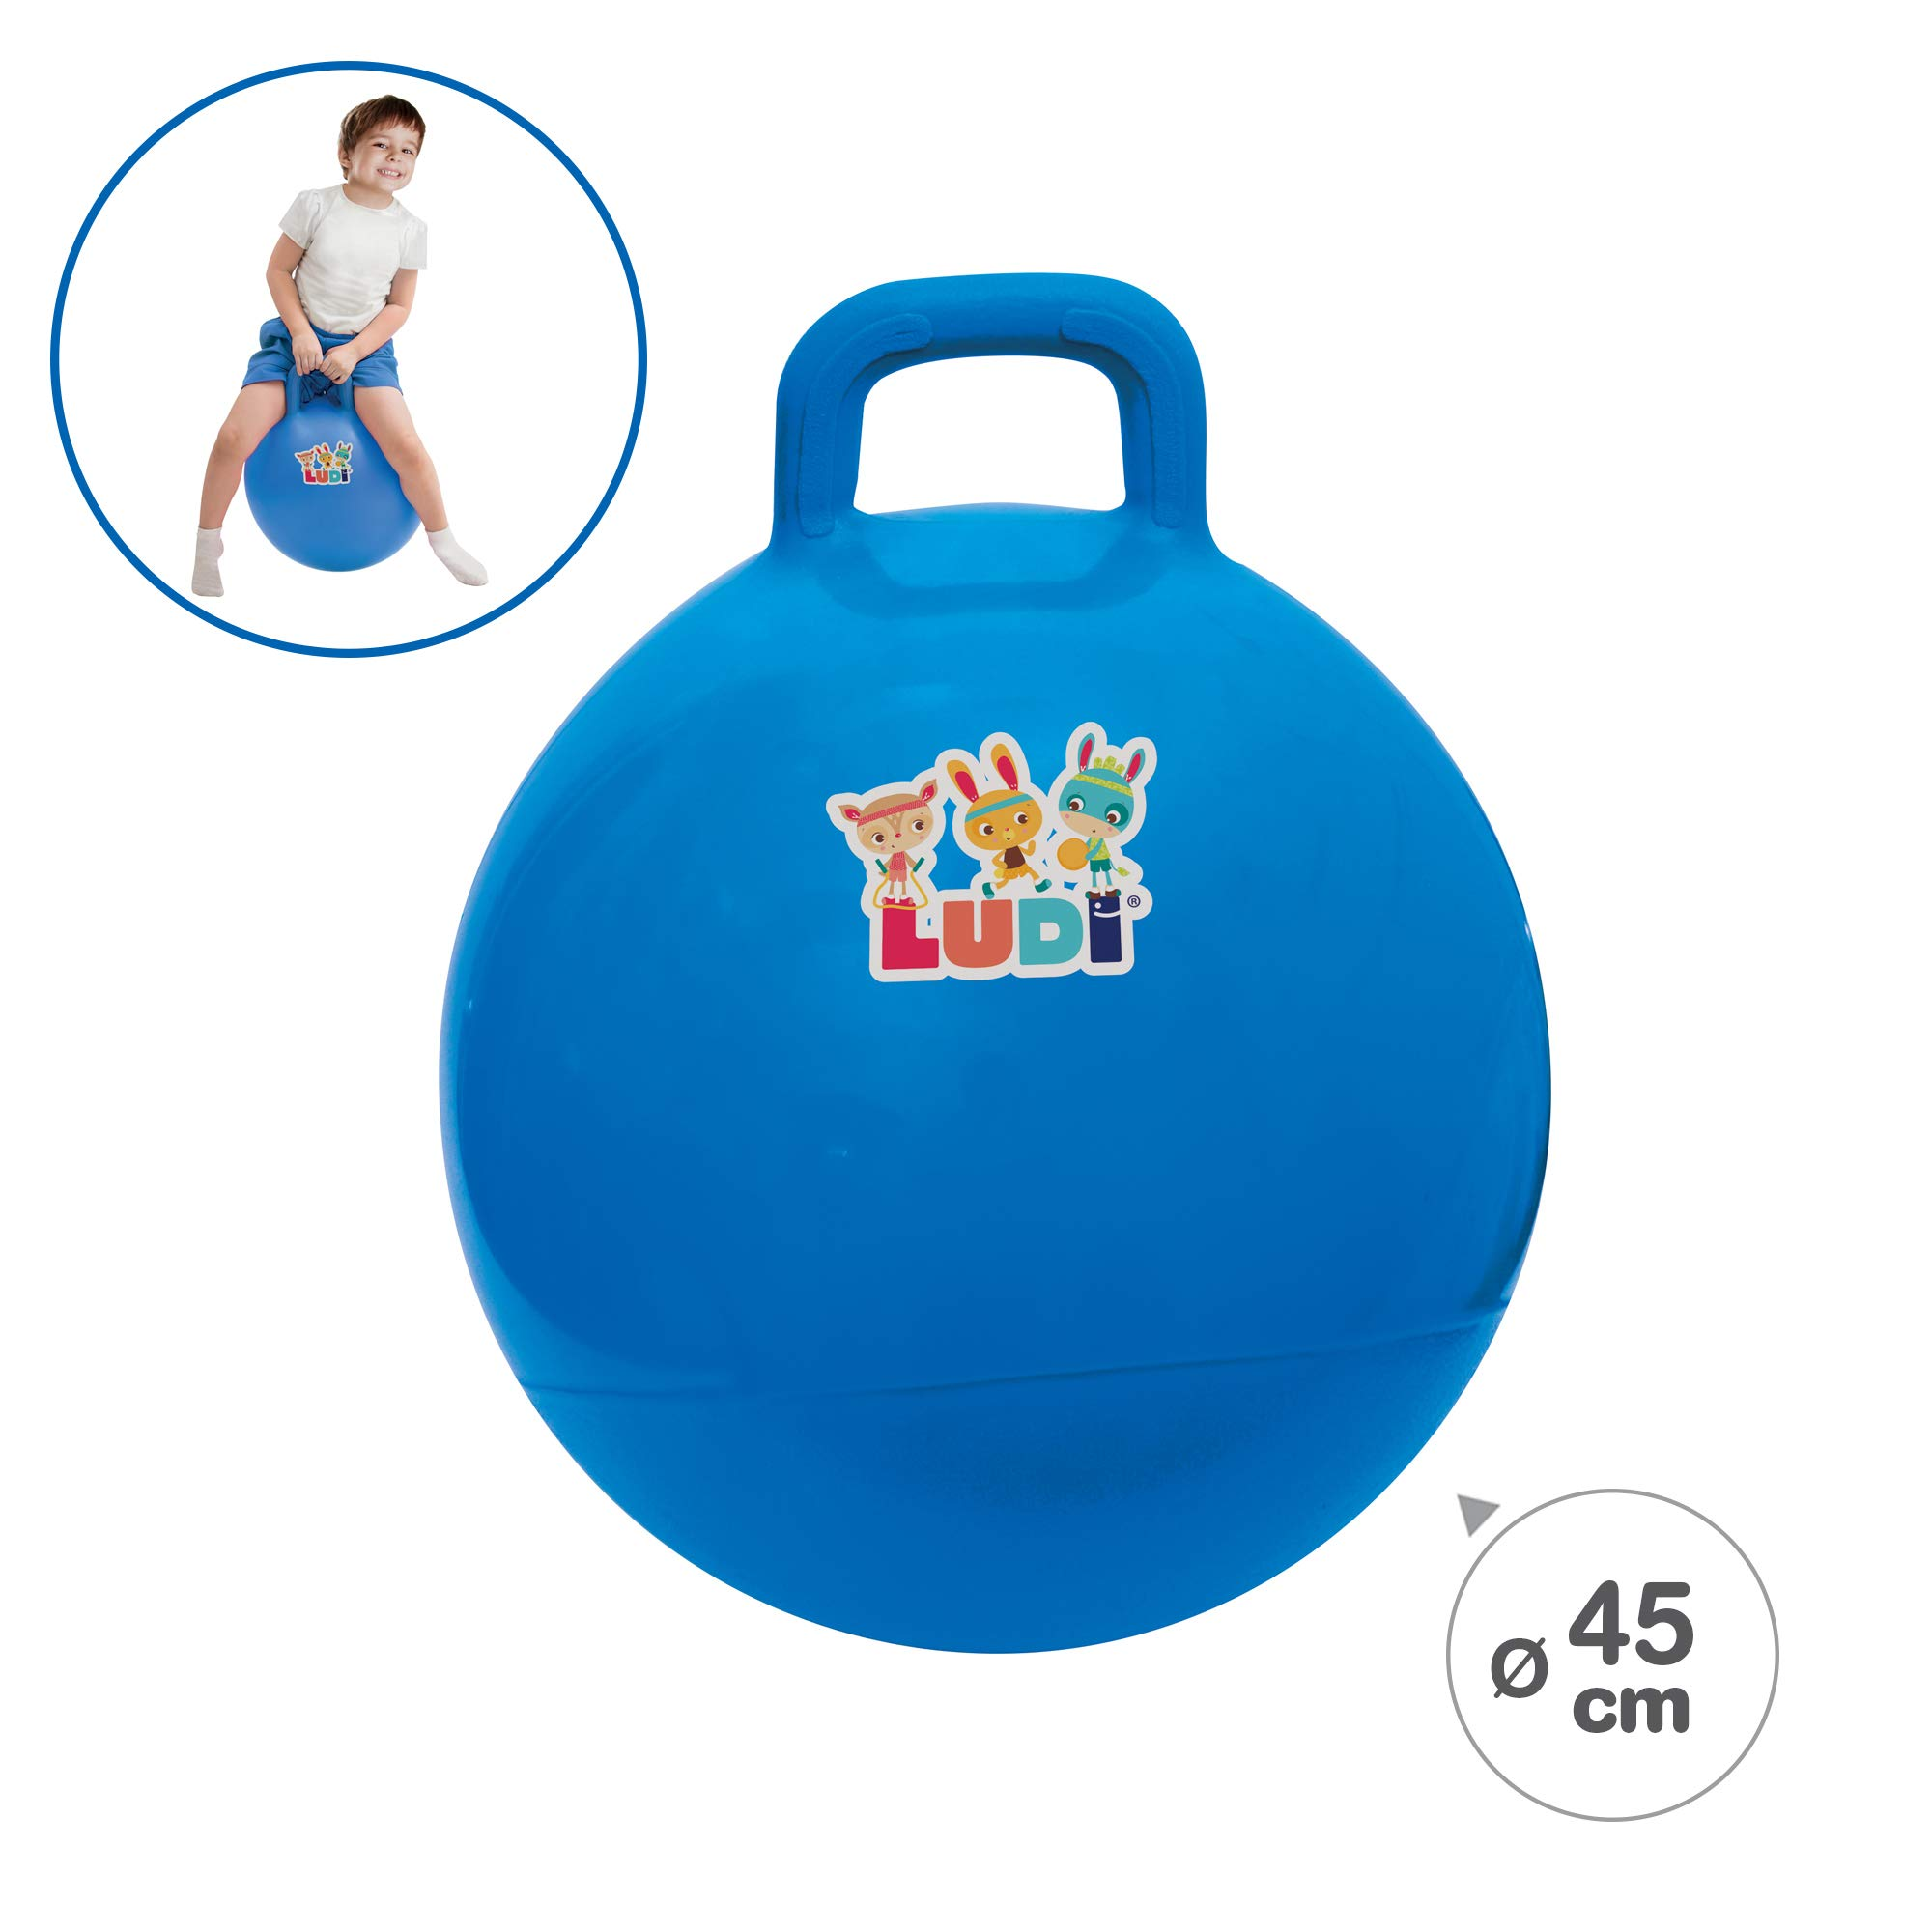 Ludi Pelota SALTARINA 45CM Azul: Amazon.es: Juguetes y juegos